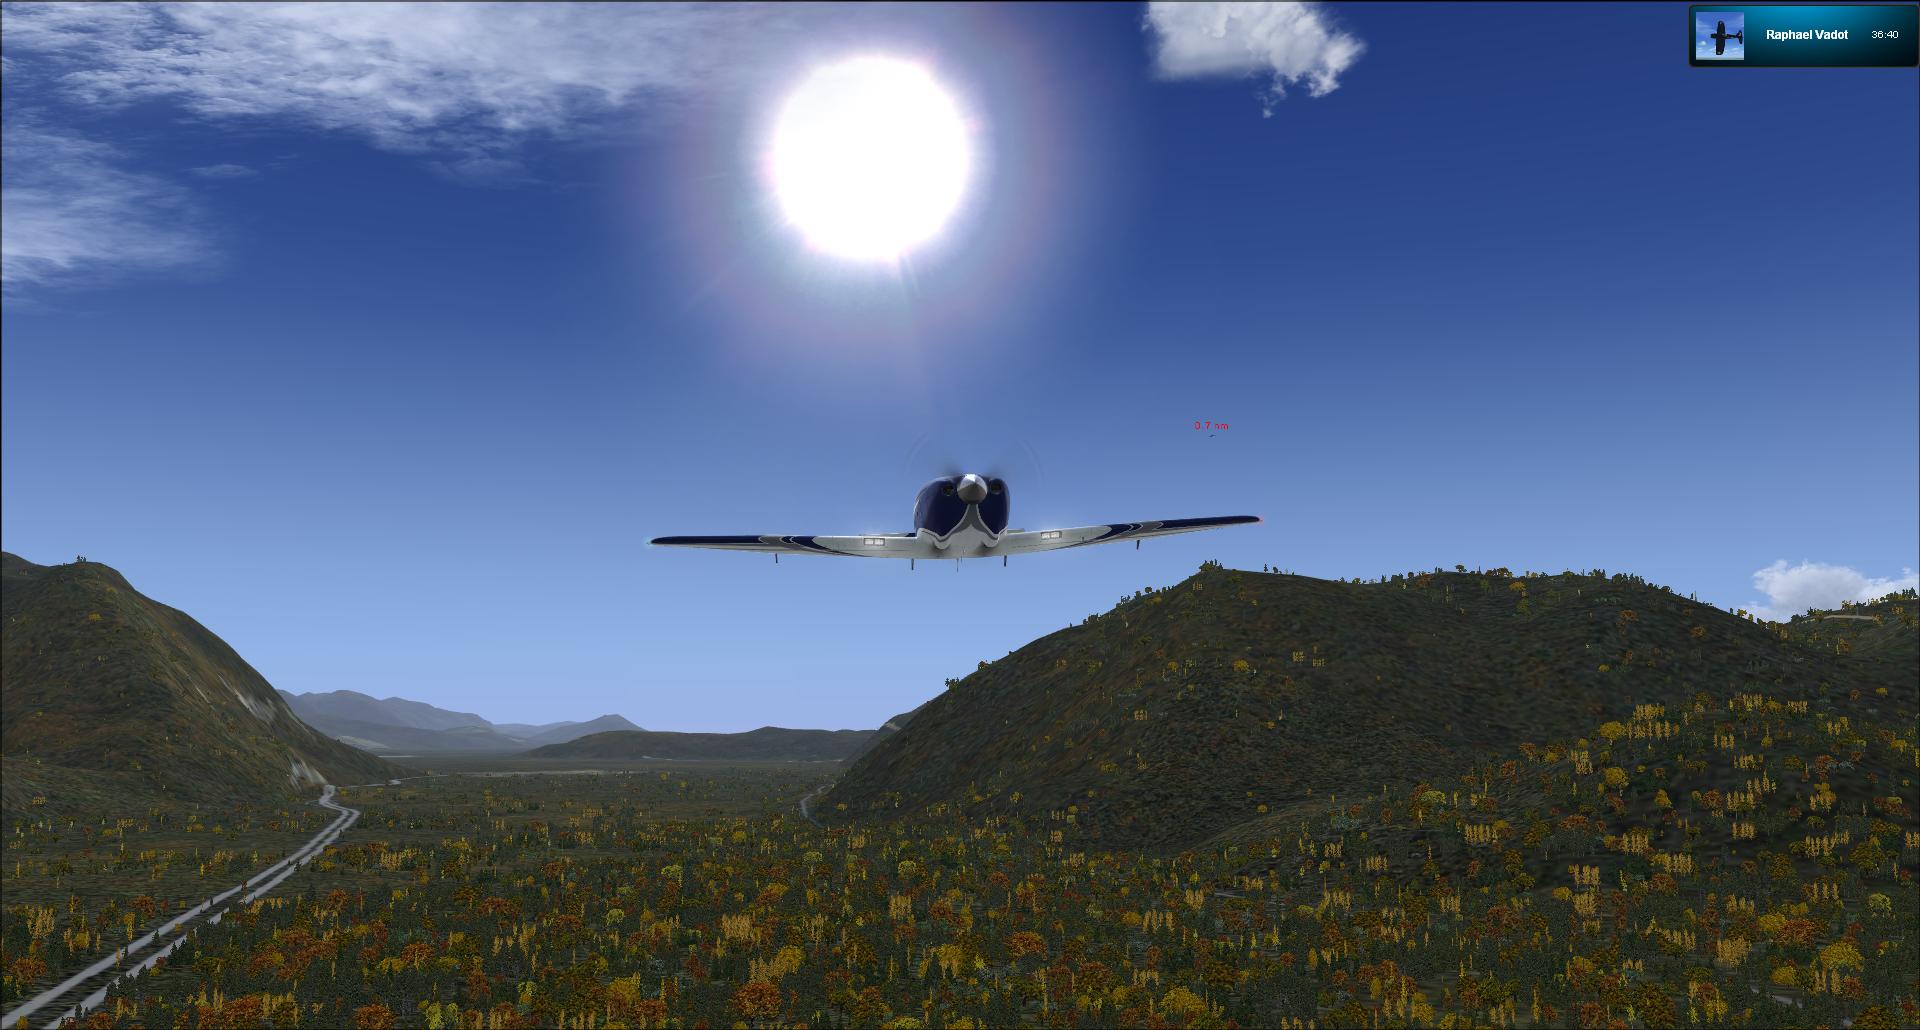 vol en Colombie britannique 875980201311151645763